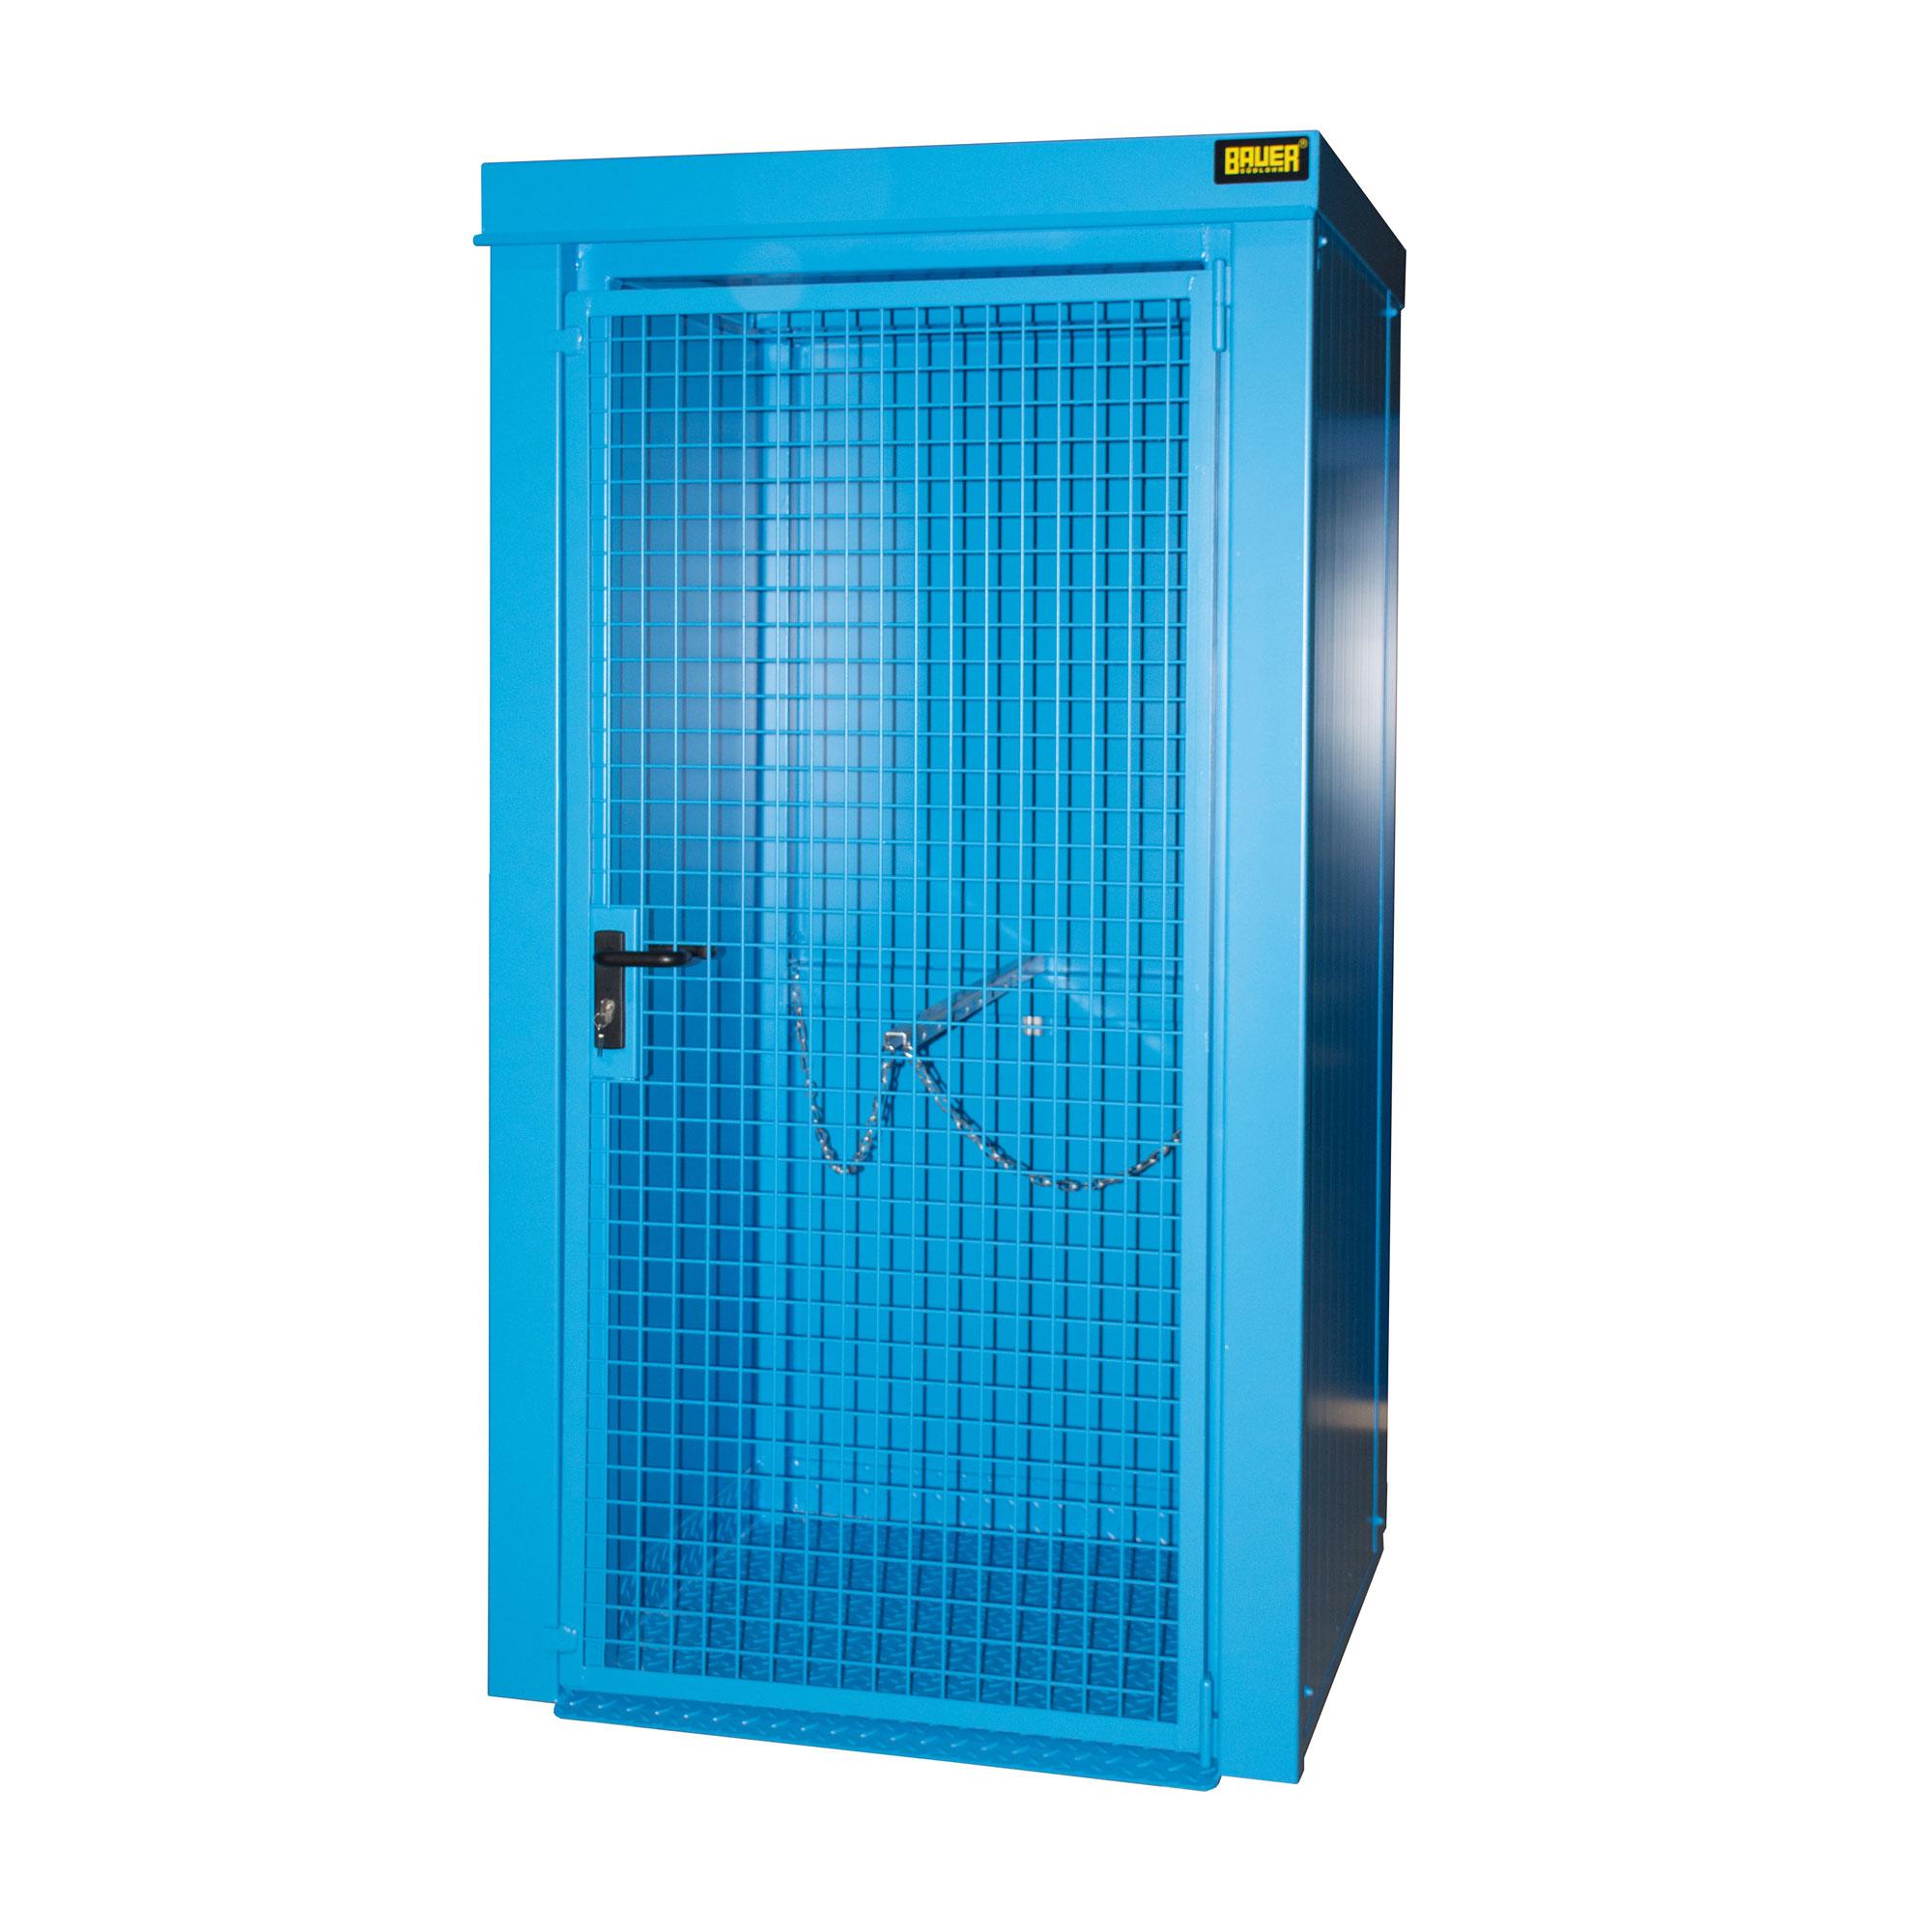 Bauer Gasflaschen-Container GFC-B M0, Lichtblau für 9x Gasflaschen Ø 230 mm 4477-30-0000-3